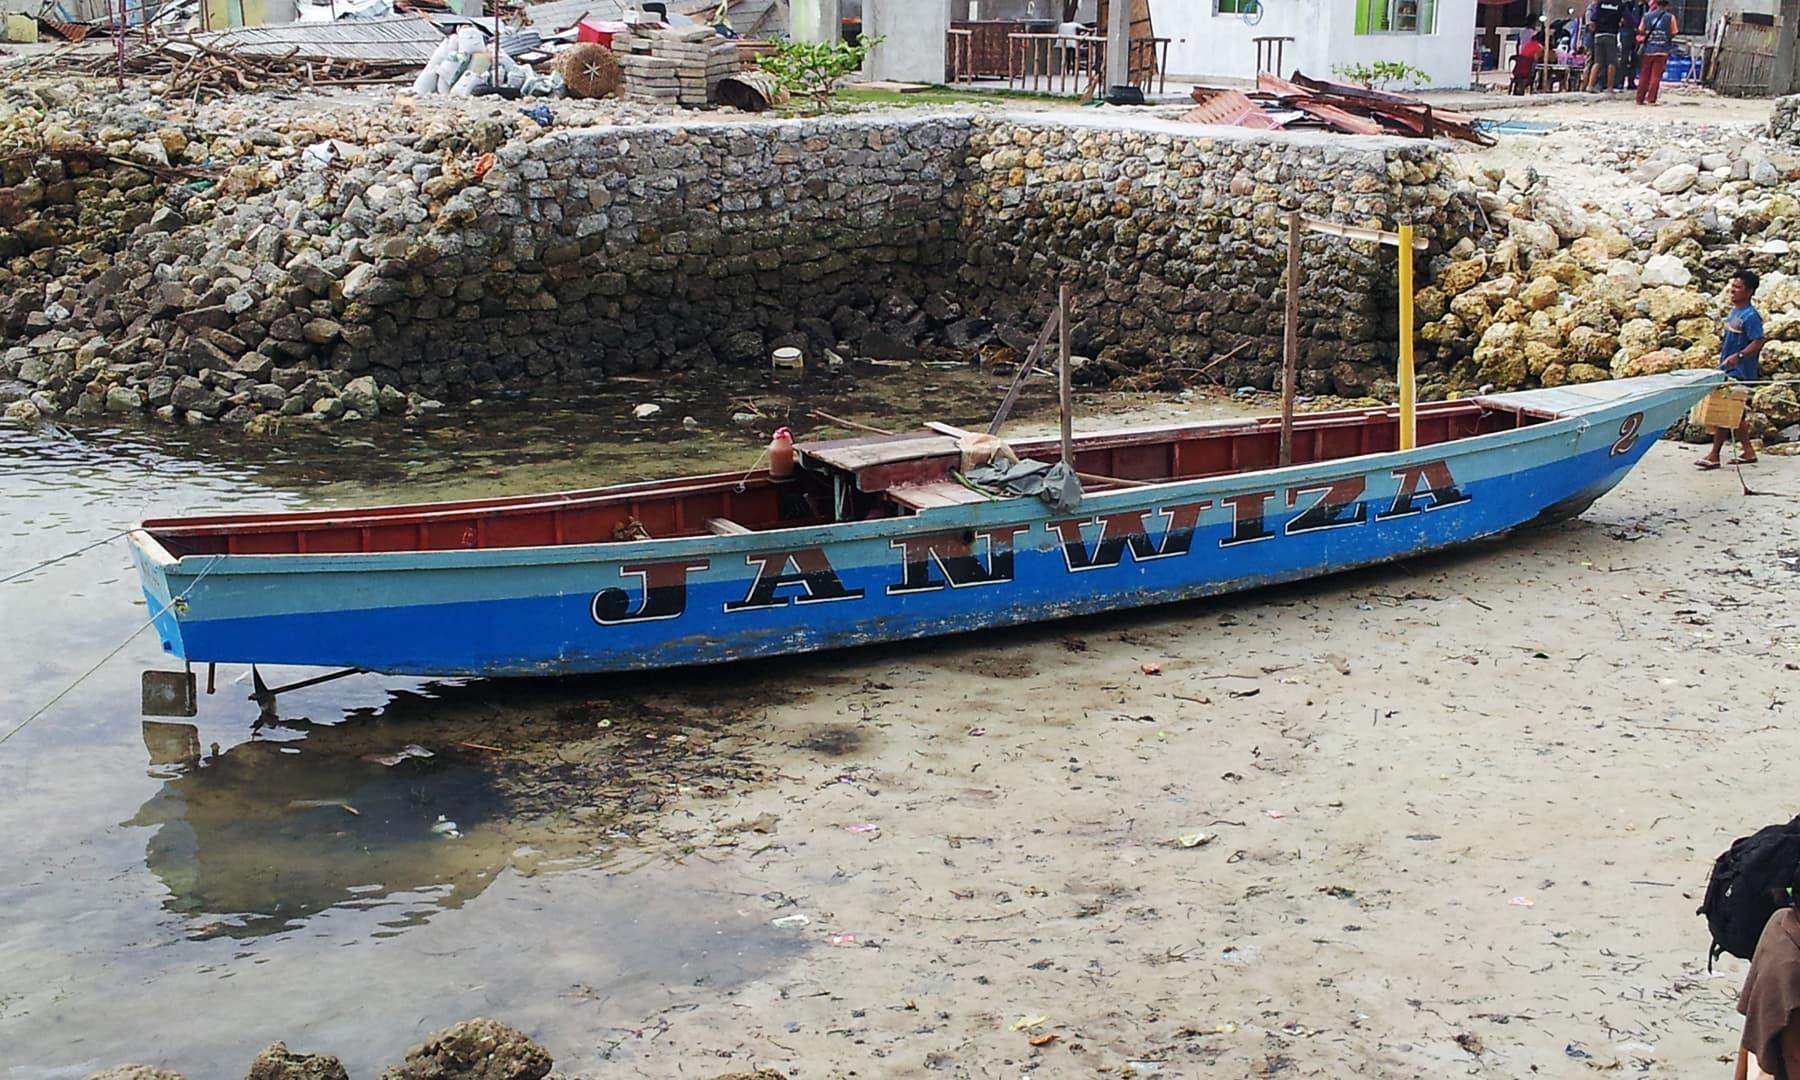 مالا پاسکوا کے جزیرے پر کھڑی کشتی —تصویر عظمت اکبر